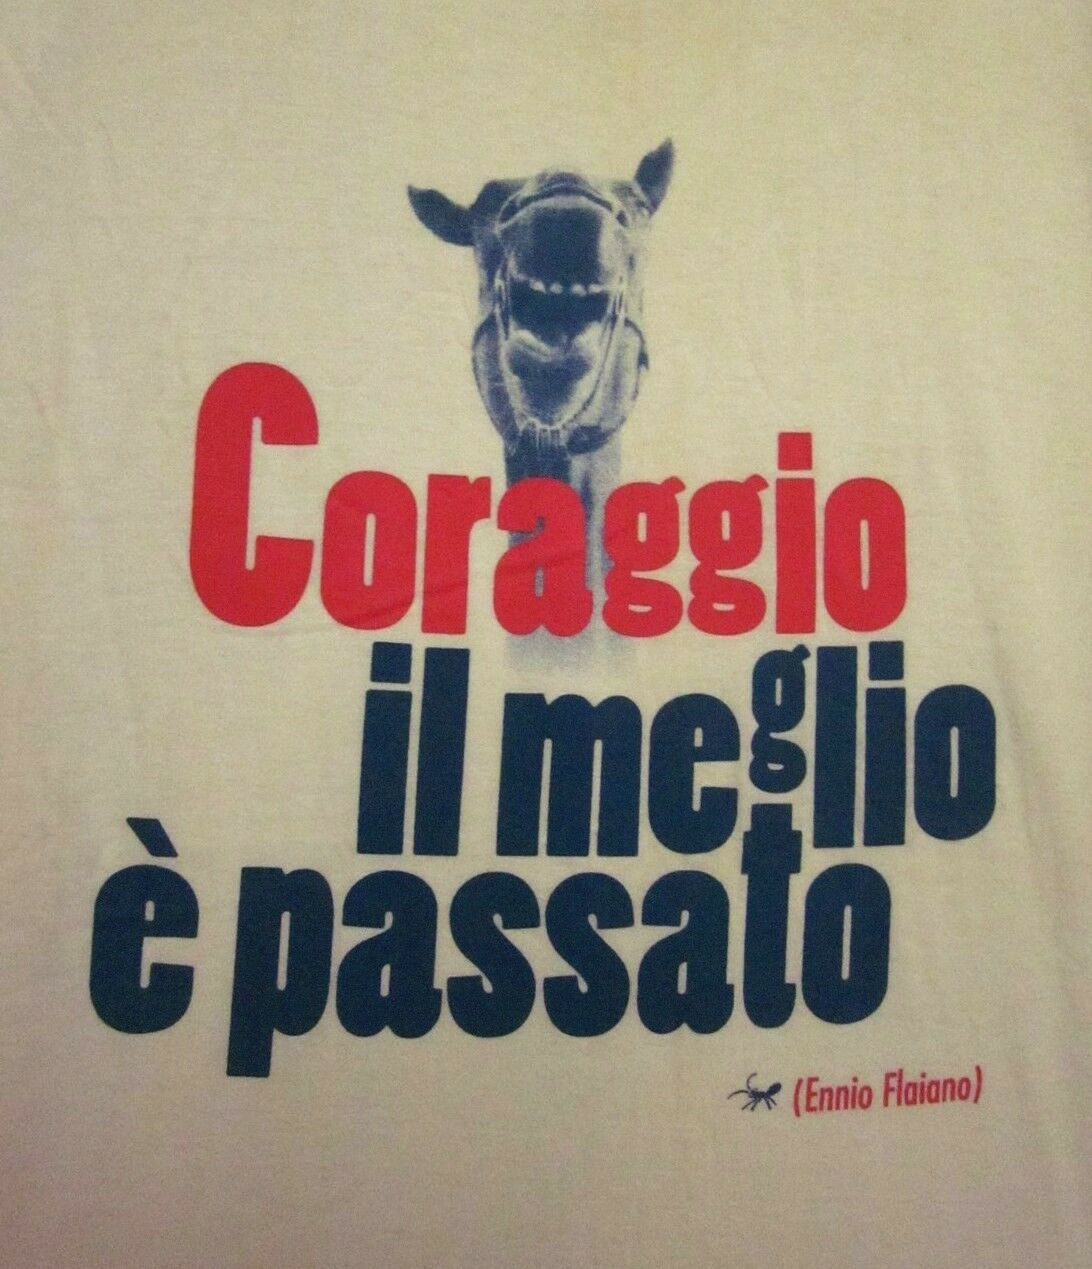 ENNIO FLAIANO satire play  T shirt Coraggio Il Meglio E Passati tee XL